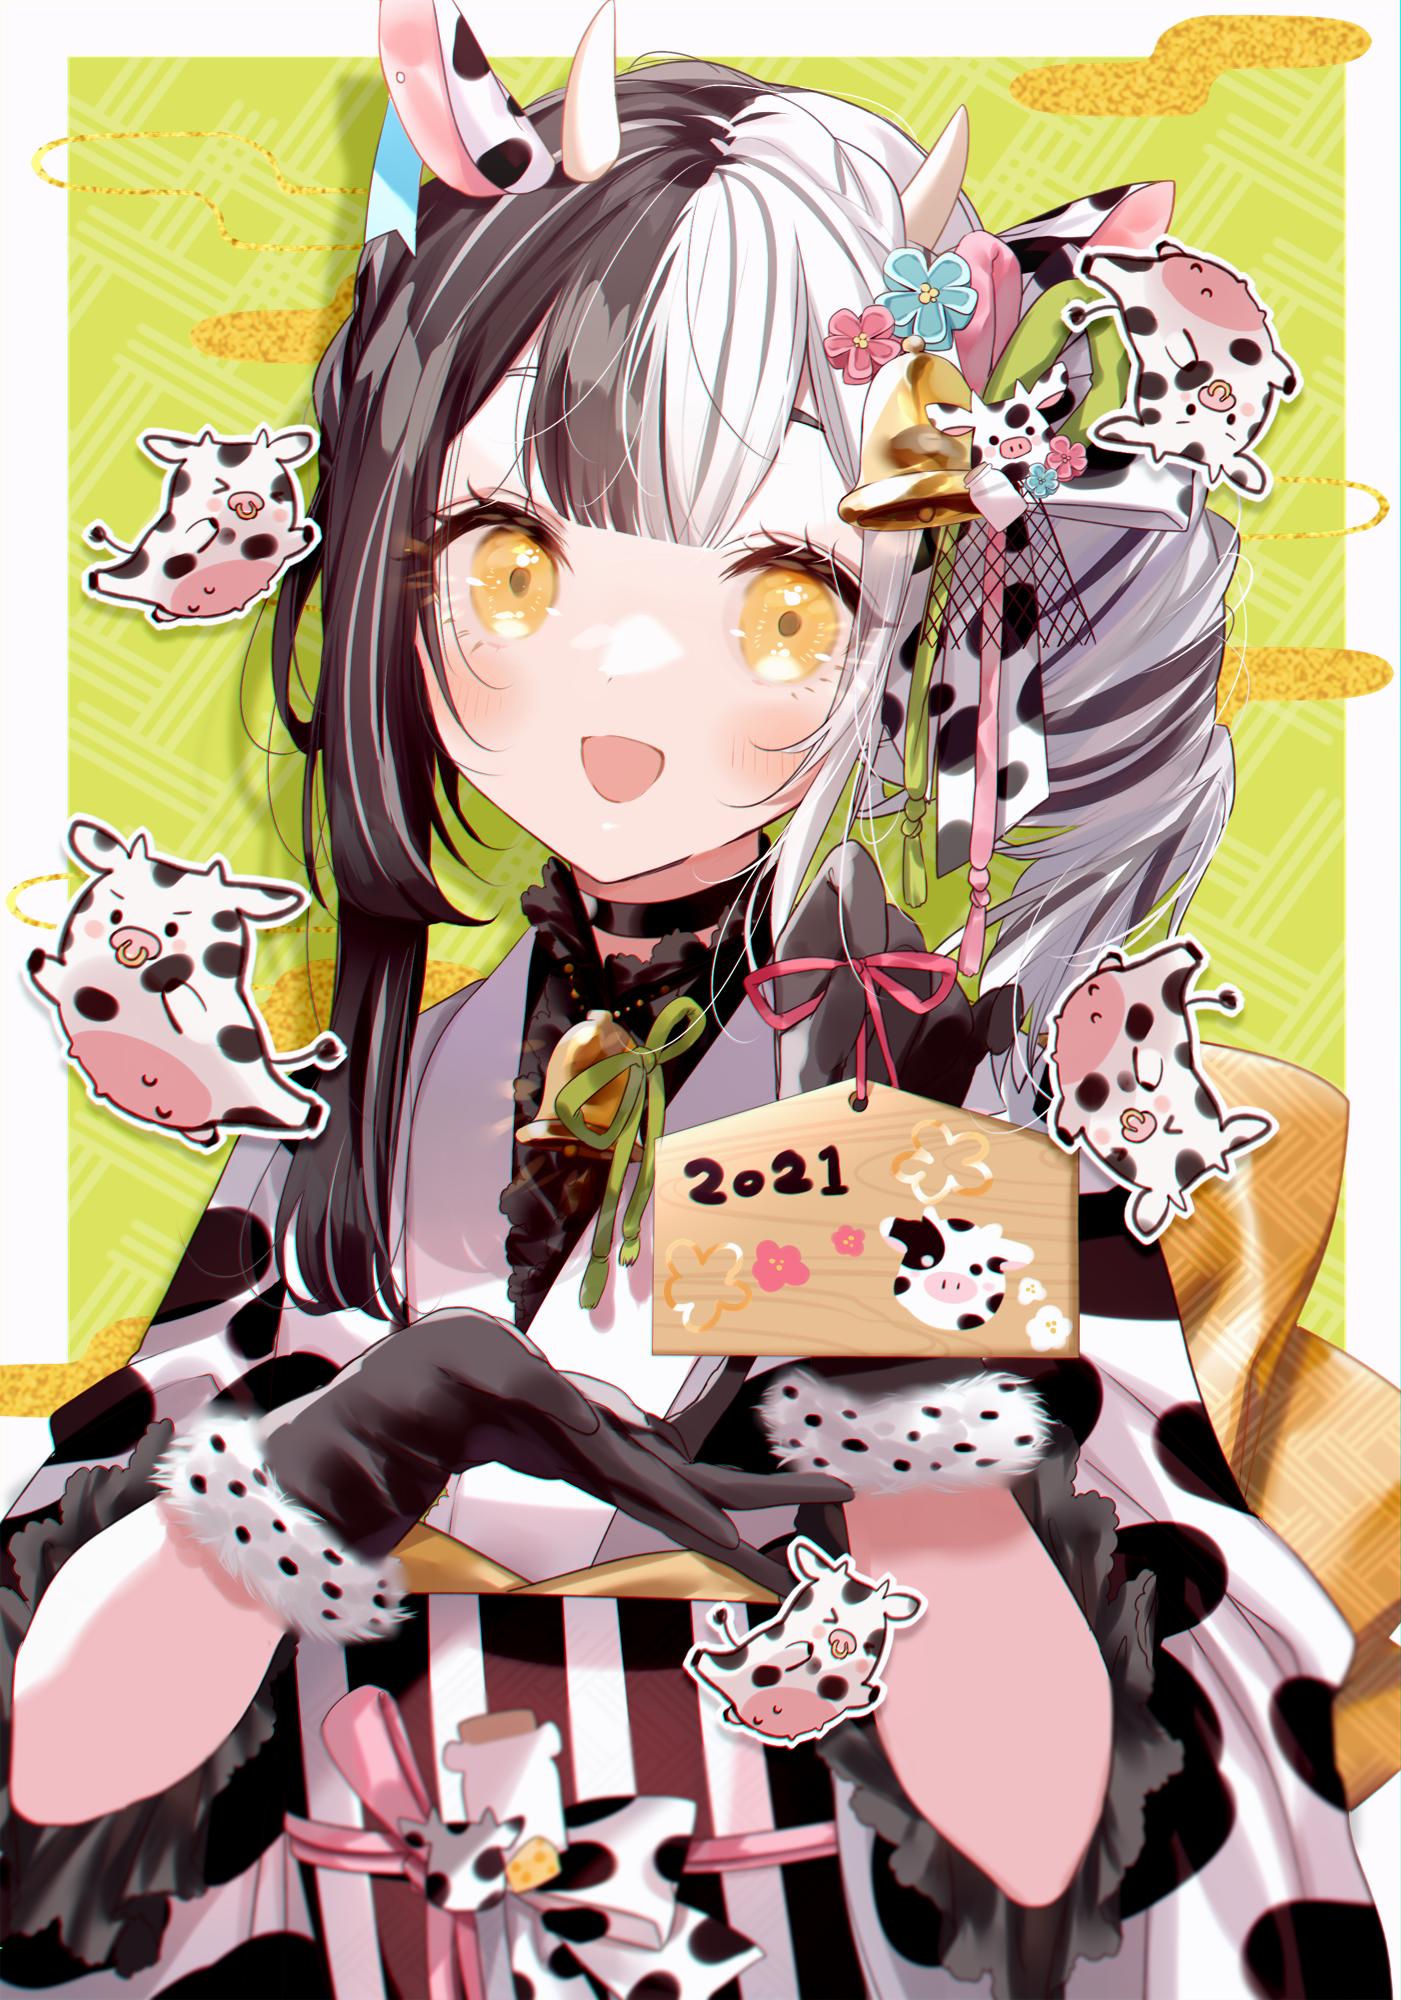 Anime Cow Girl Manga